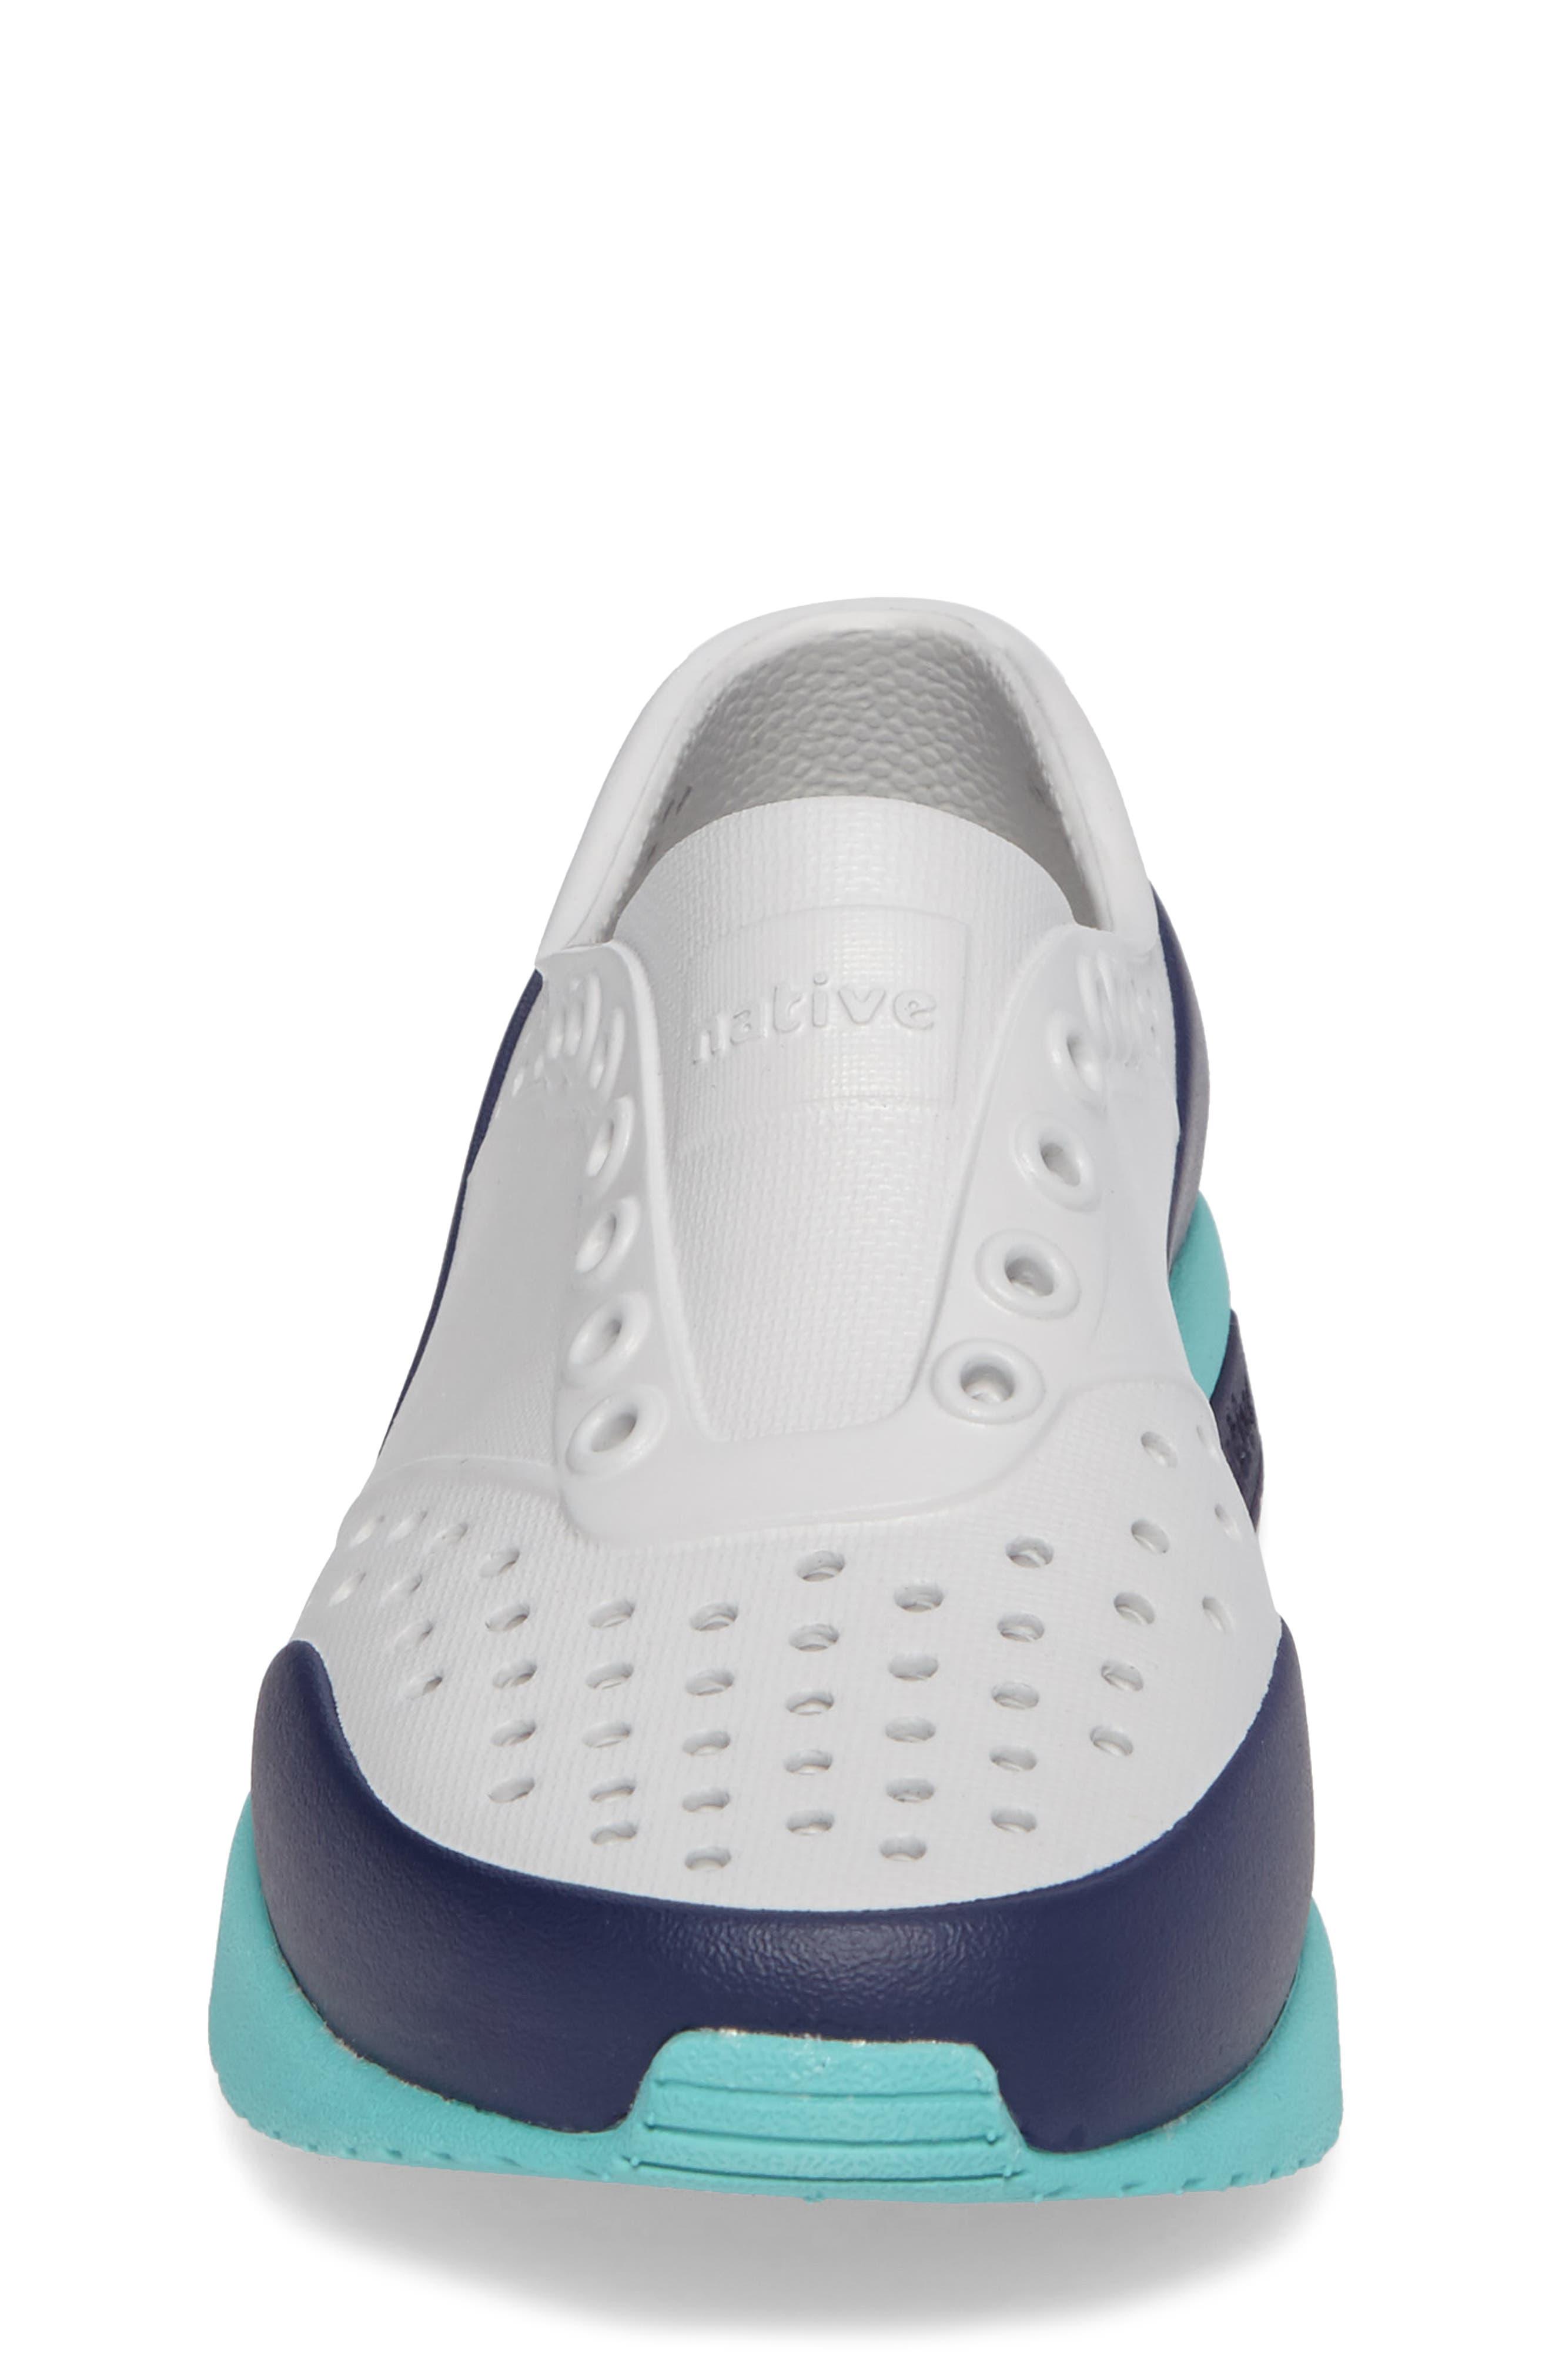 Alternate Image 4  - Native Shoes Lennox Block Slip-On Sneaker (Baby, Walker, Toddler & Little Kid)